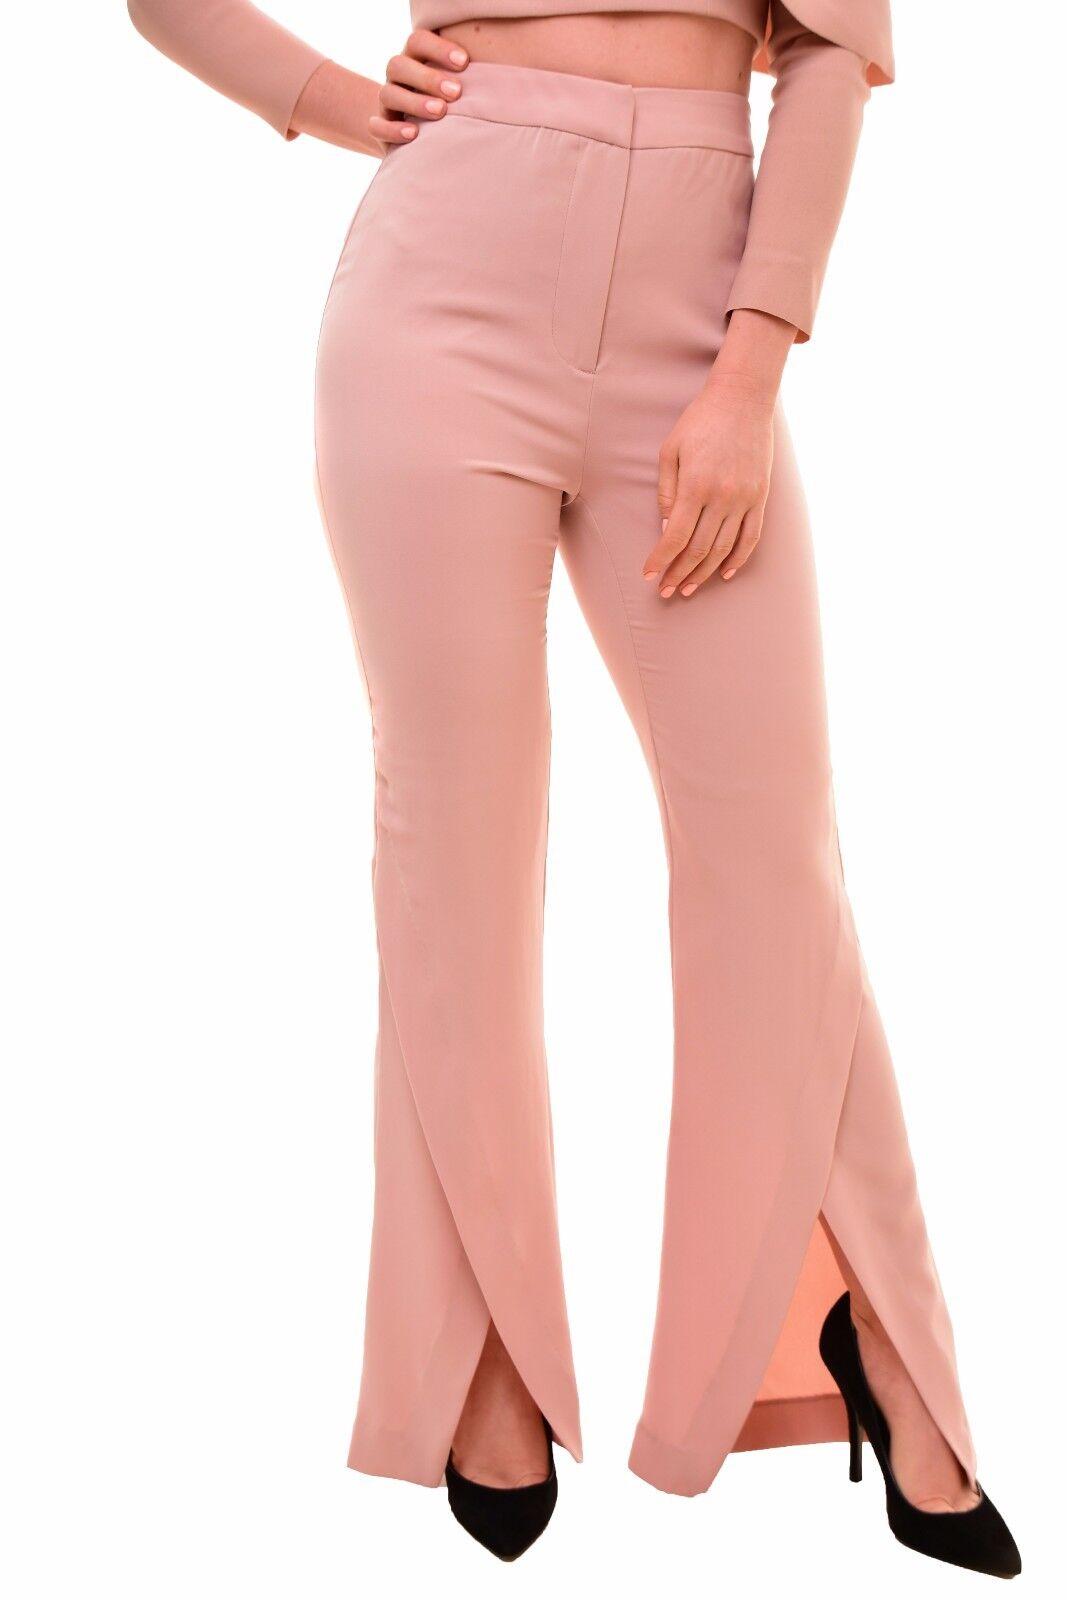 Keepsake Women's Classy Stylish No Limits Pant bluesh S RRP  120 BCF79